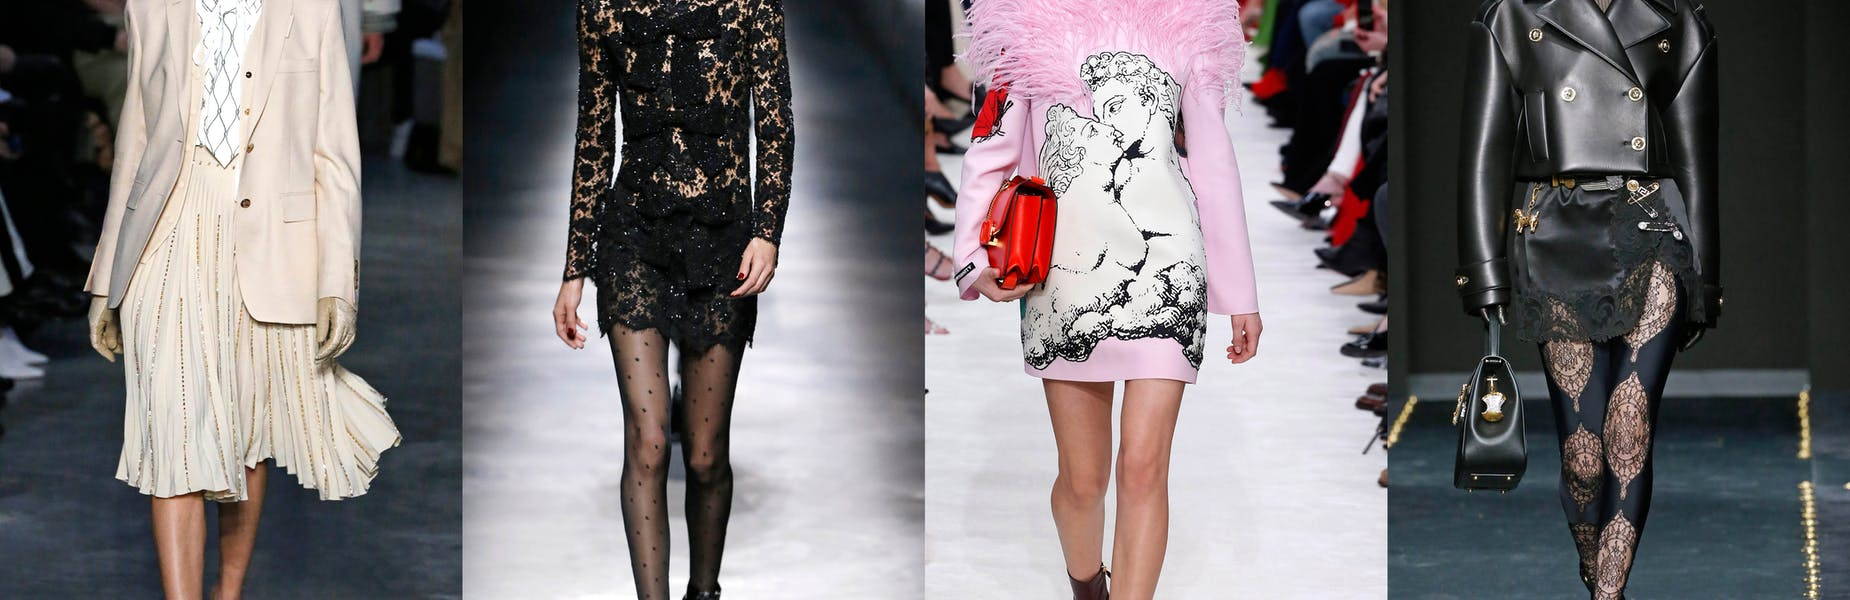 Tendenza moda donna Autunno Inverno 2019